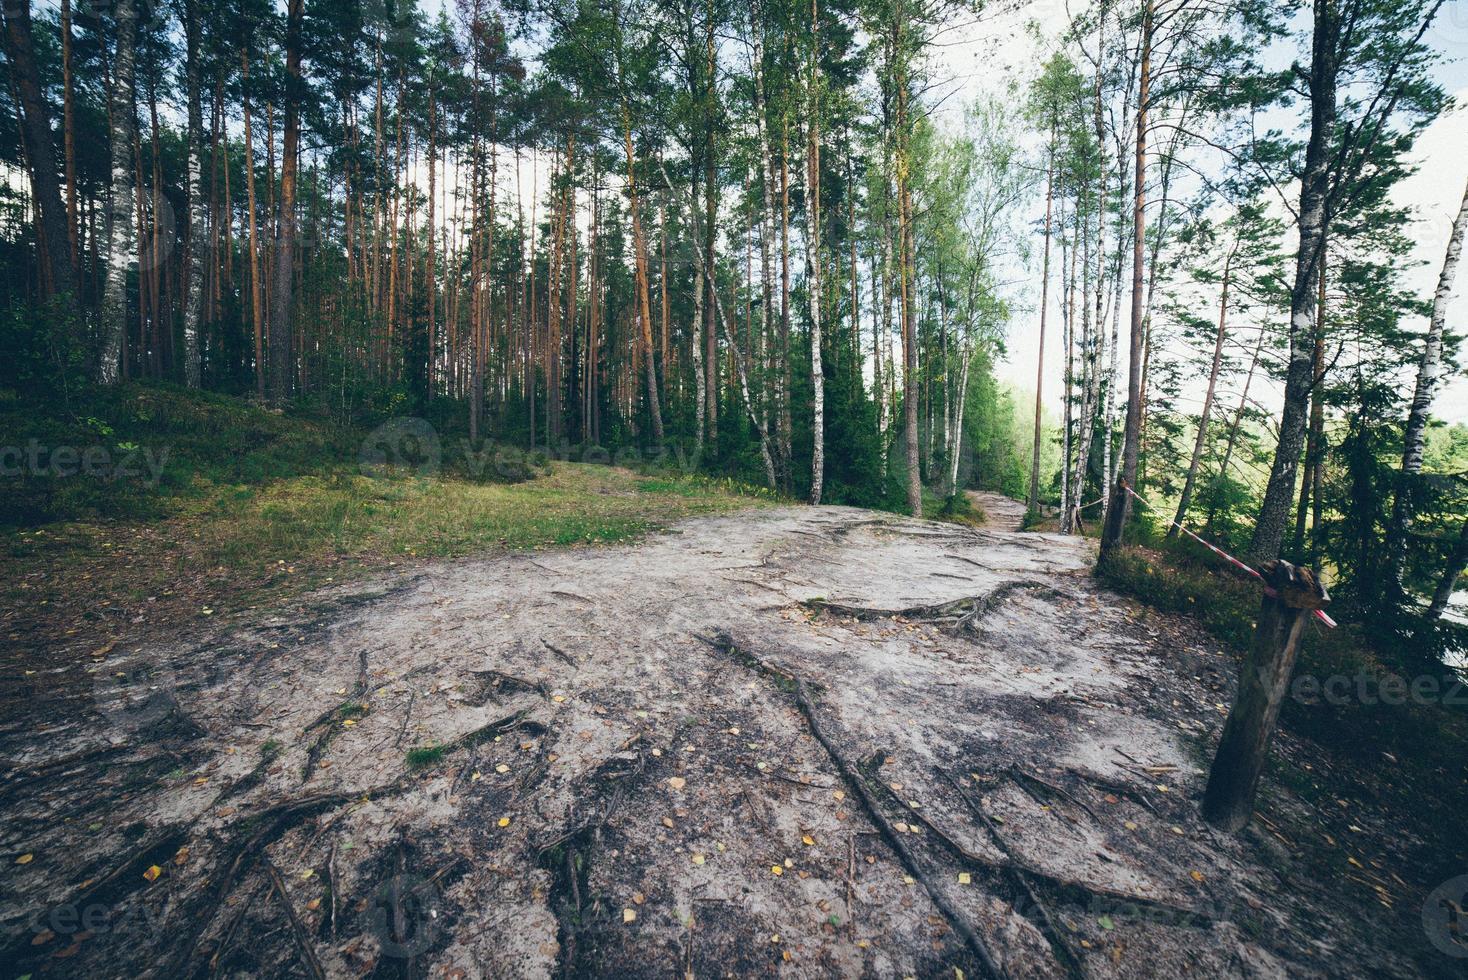 sentier touristique pittoresque et magnifique dans les bois près de la rivière photo